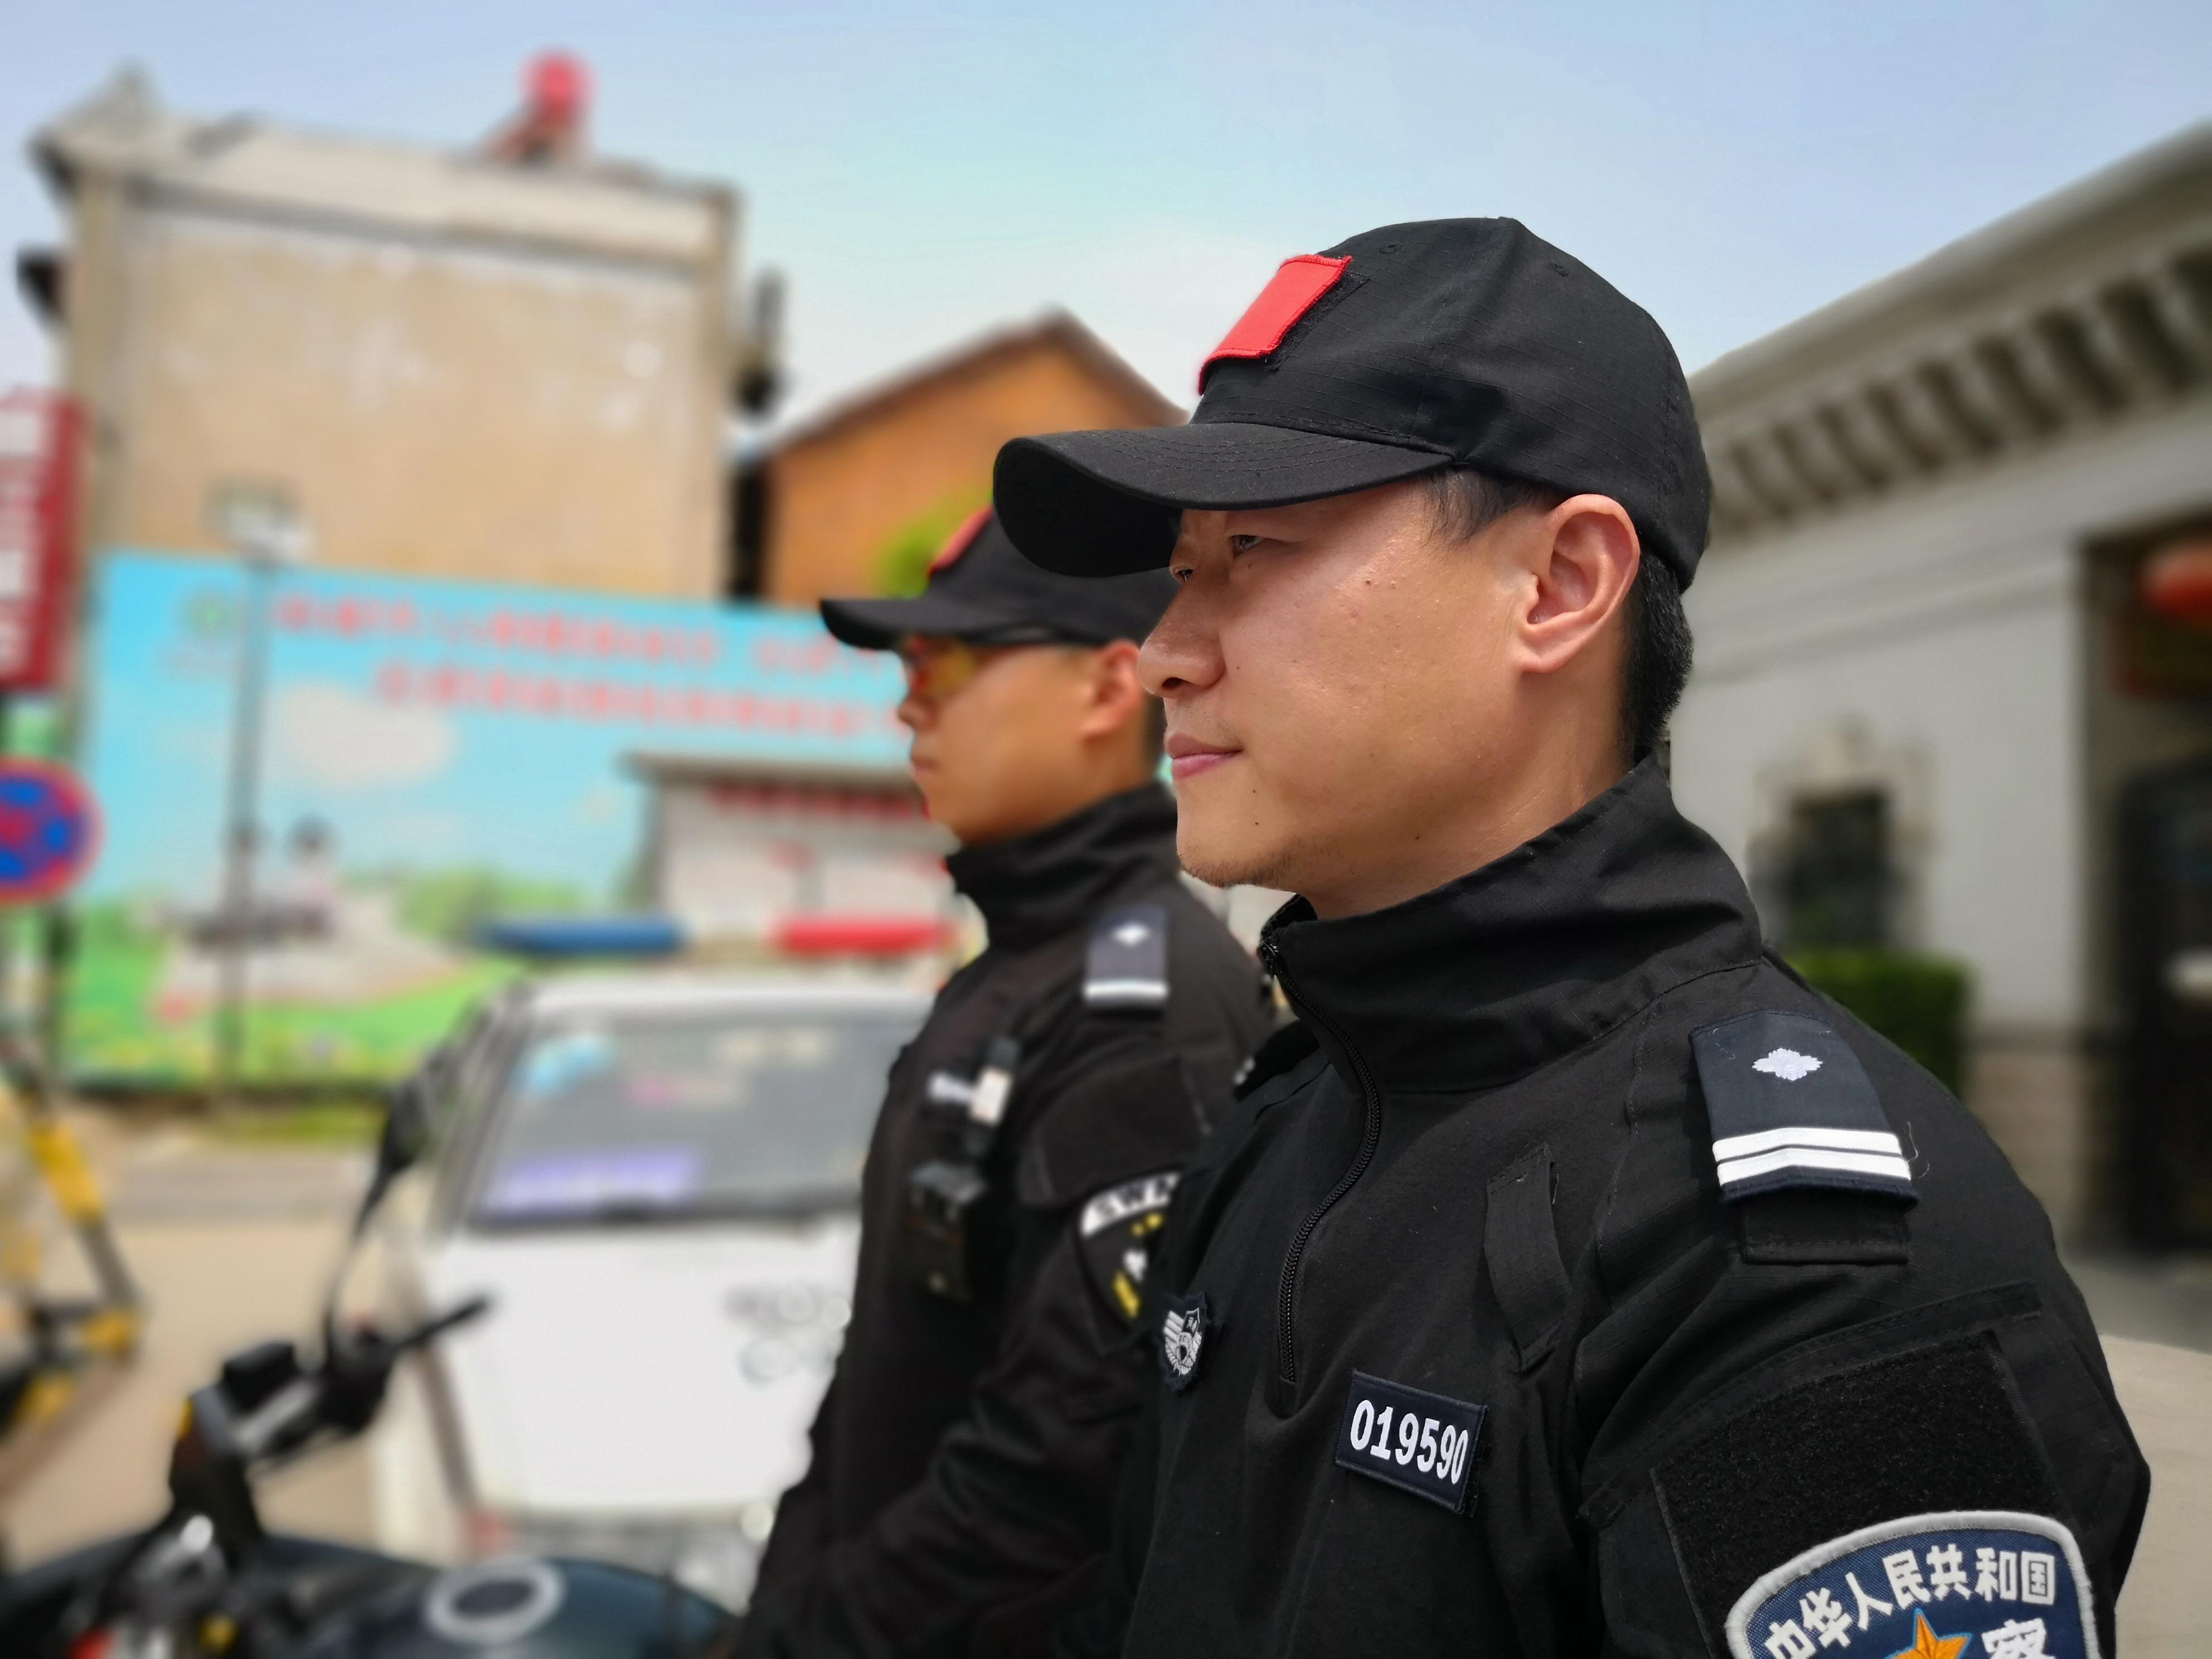 开封警方圆满完成2019年端午节和高考安保维稳任务